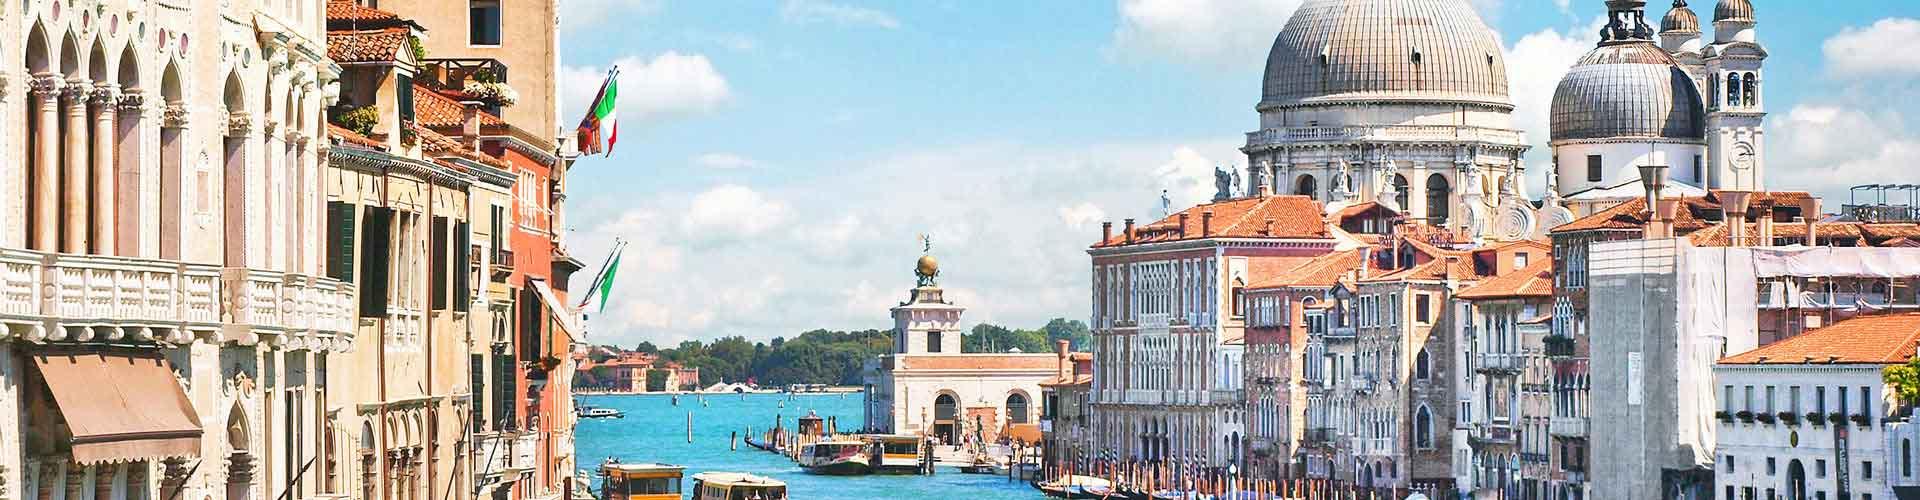 Venecia - Hostales cerca a San Zaccaria. Mapas de Venecia, Fotos y comentarios de cada Hostal en Venecia.